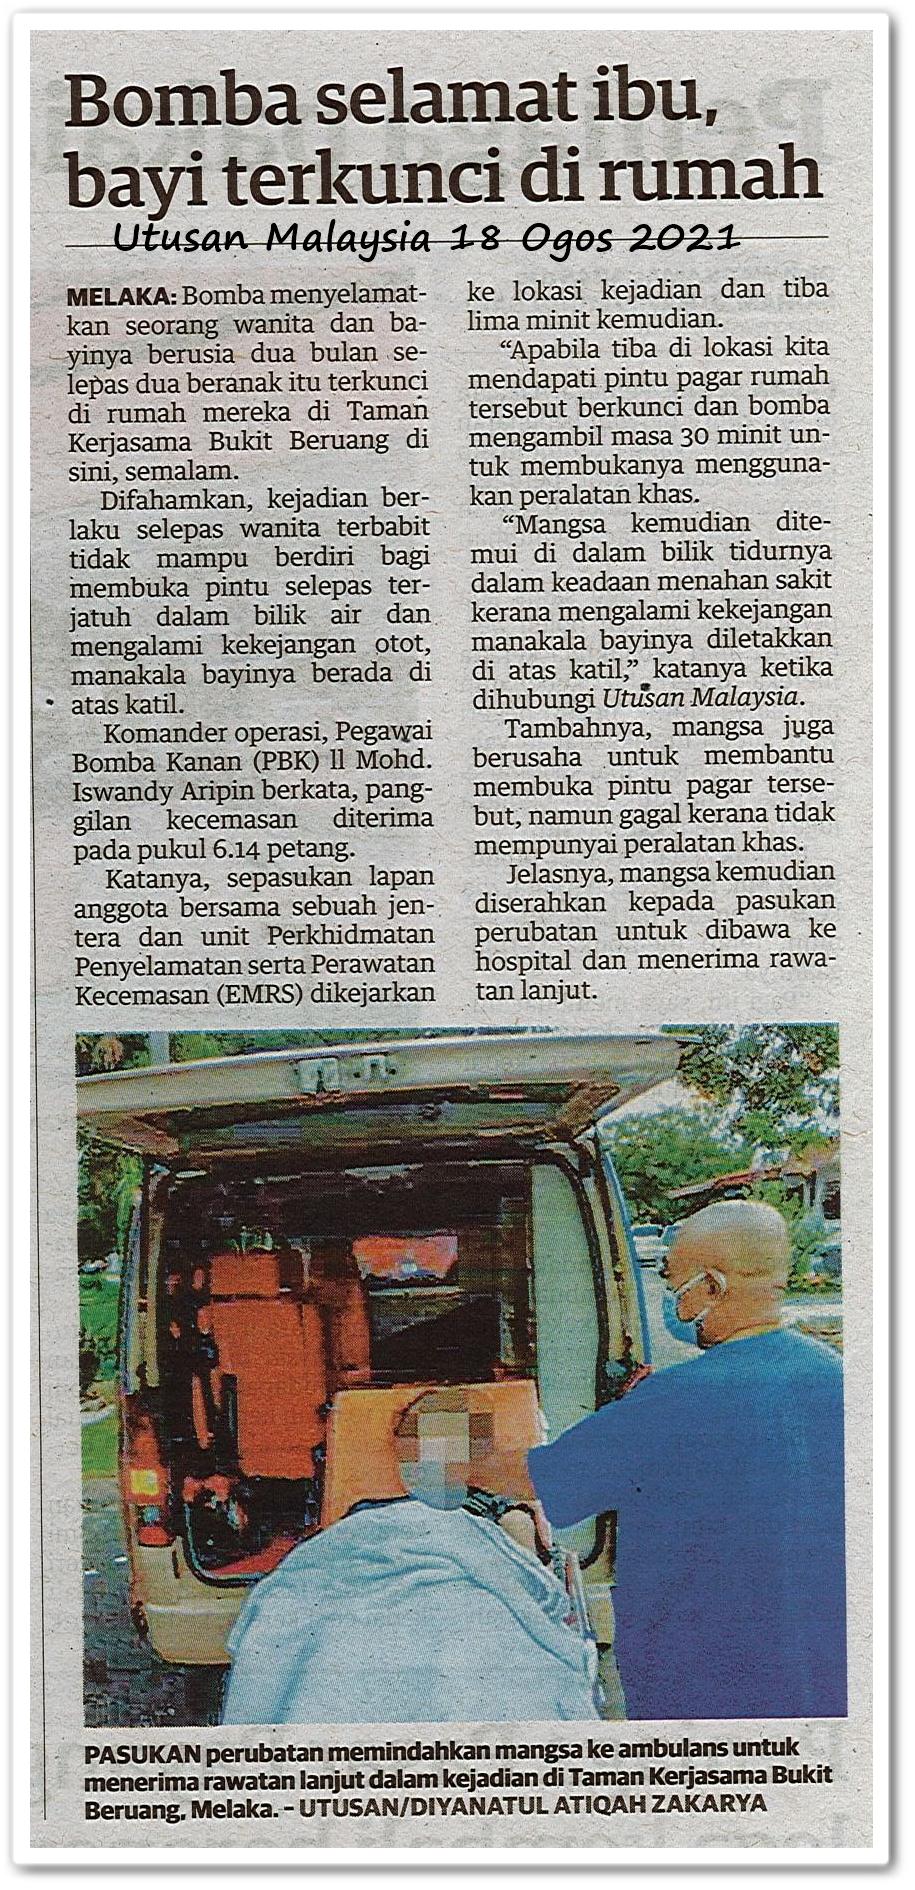 Bomba selamat ibu, bayi terkunci di rumah - Keratan akhbar Utusan Malaysia 18 Ogos 2021